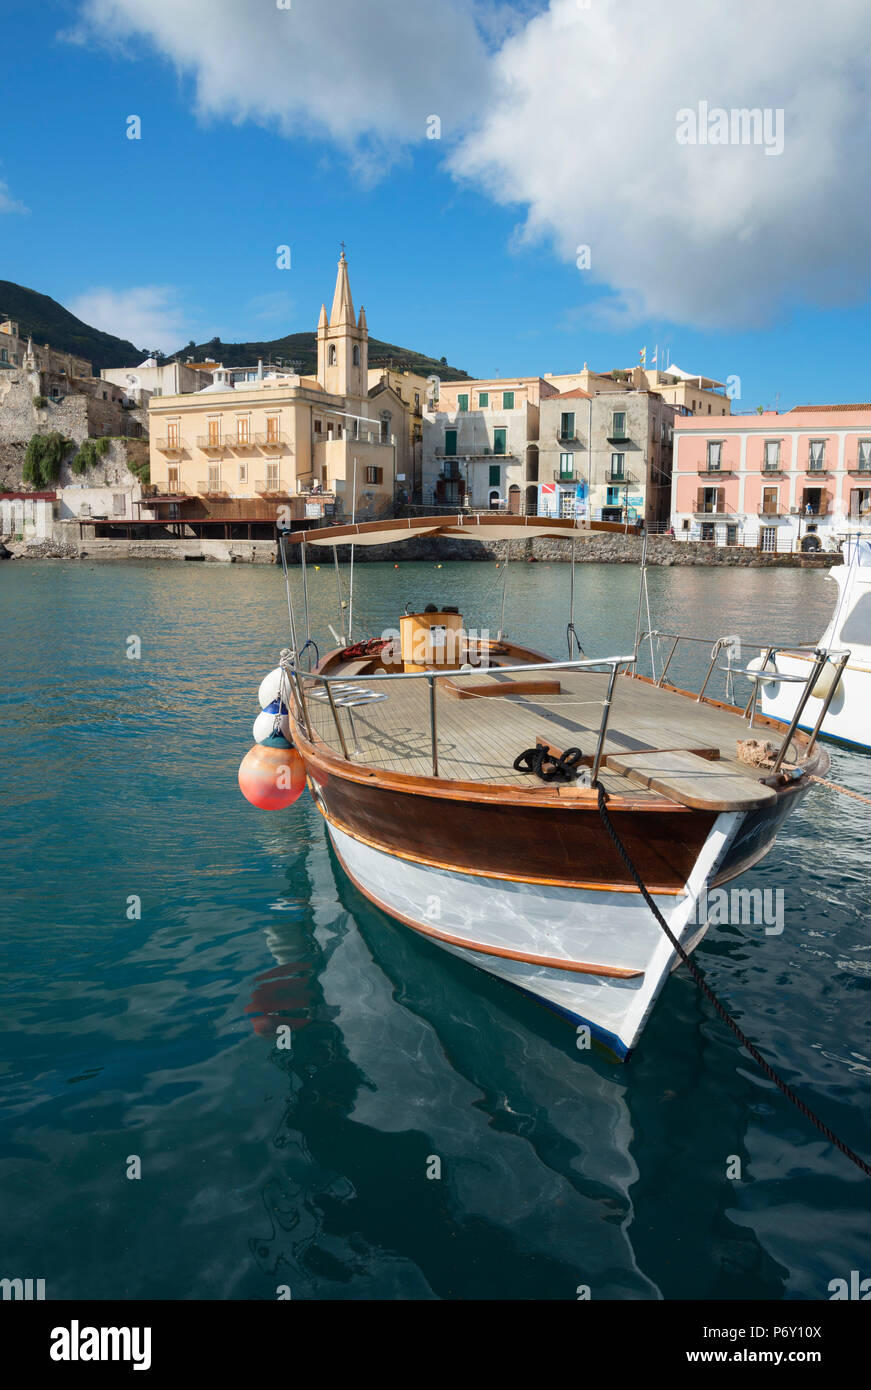 Marina Corta Harbour e San Giuseppe chiesa cittadina Lipari, Isola di Lipari, Isole Eolie, Sito Patrimonio Mondiale dell'UNESCO, Sicilia, Italia, Mediterraneo, Europa Immagini Stock